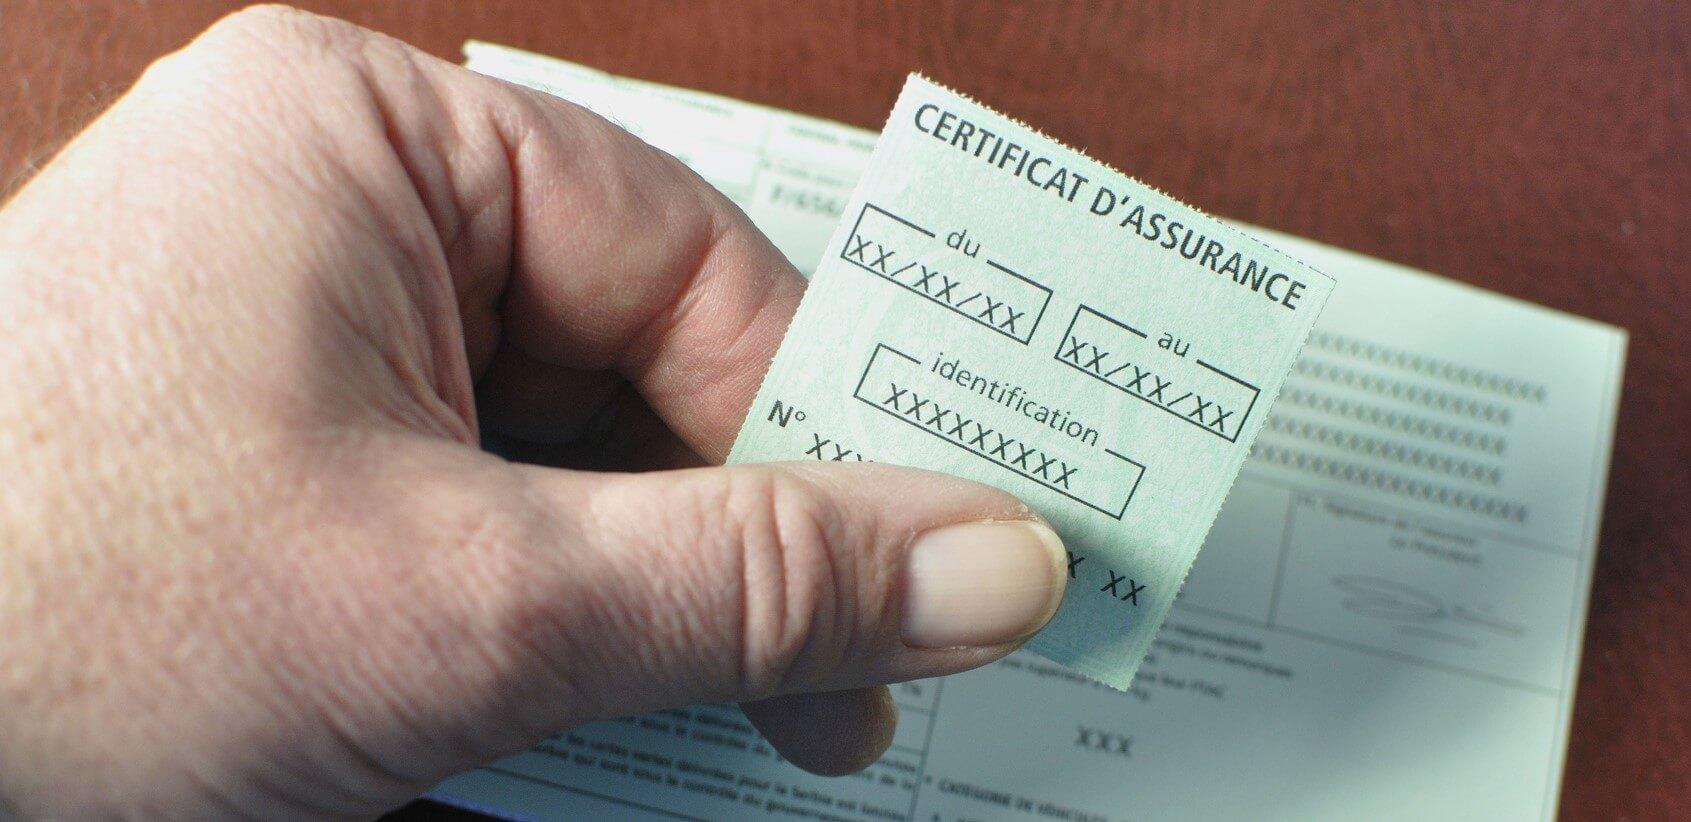 Un certificat d'assurance en gros plan.